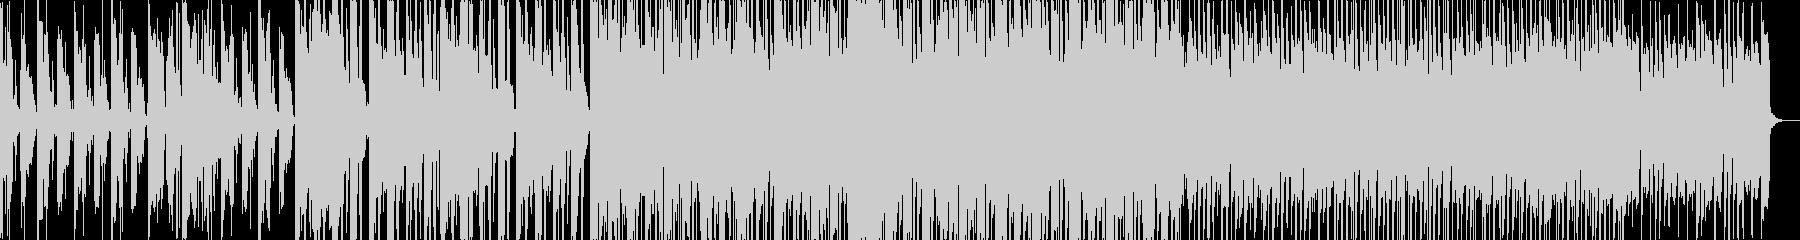 ダークなグリッチトラップの未再生の波形